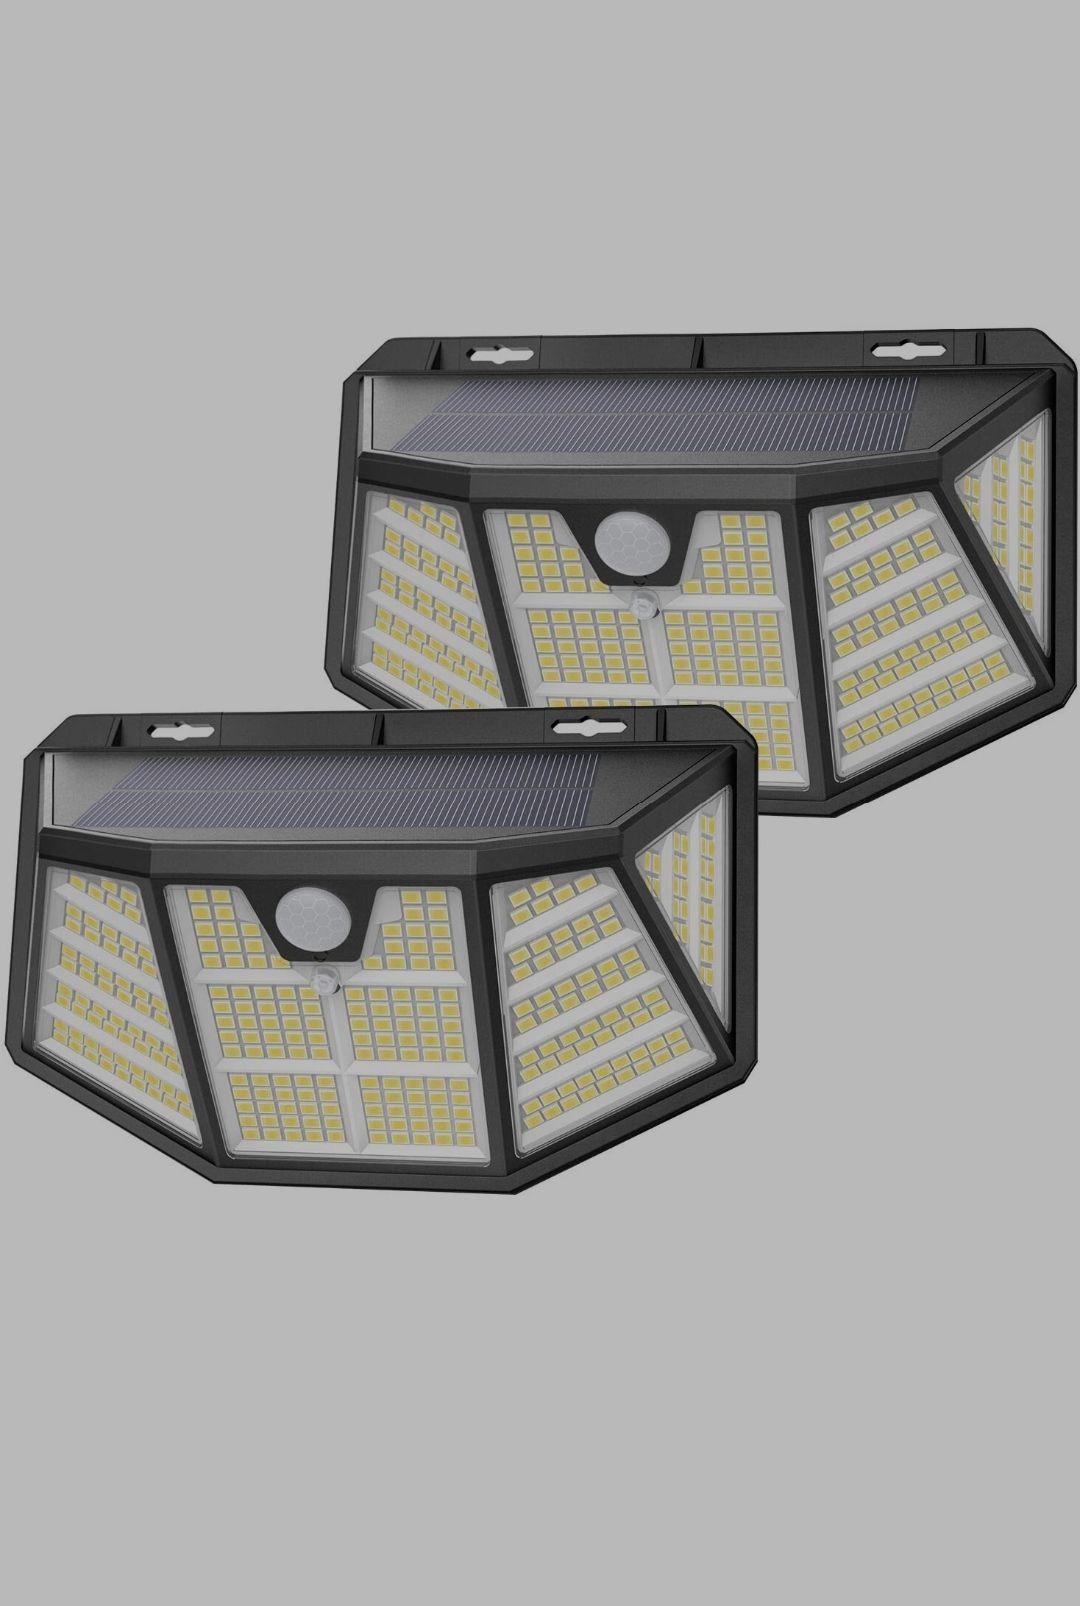 2 luz solar (310 led) envío gratis para cuentas Prime